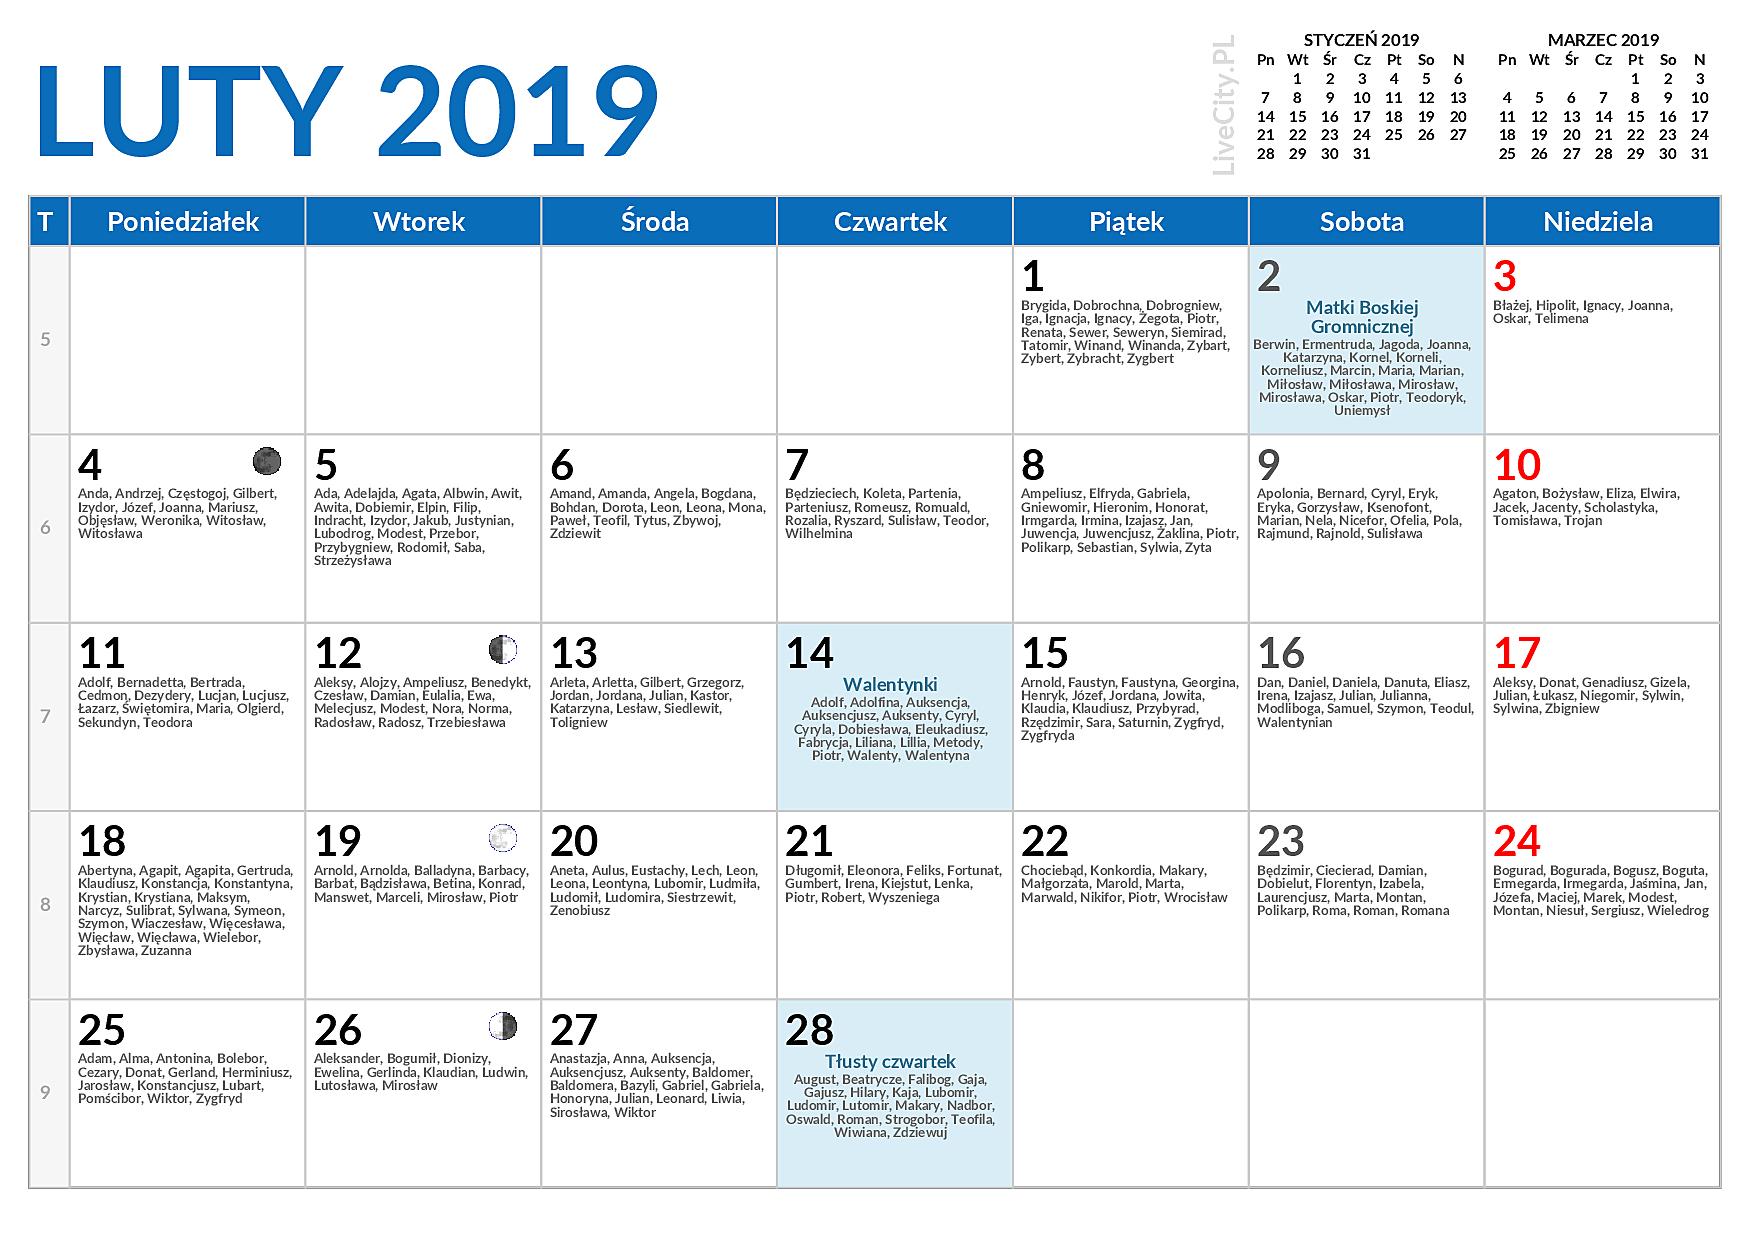 Kalendarz Luty 2019 Kalendarz Lutego